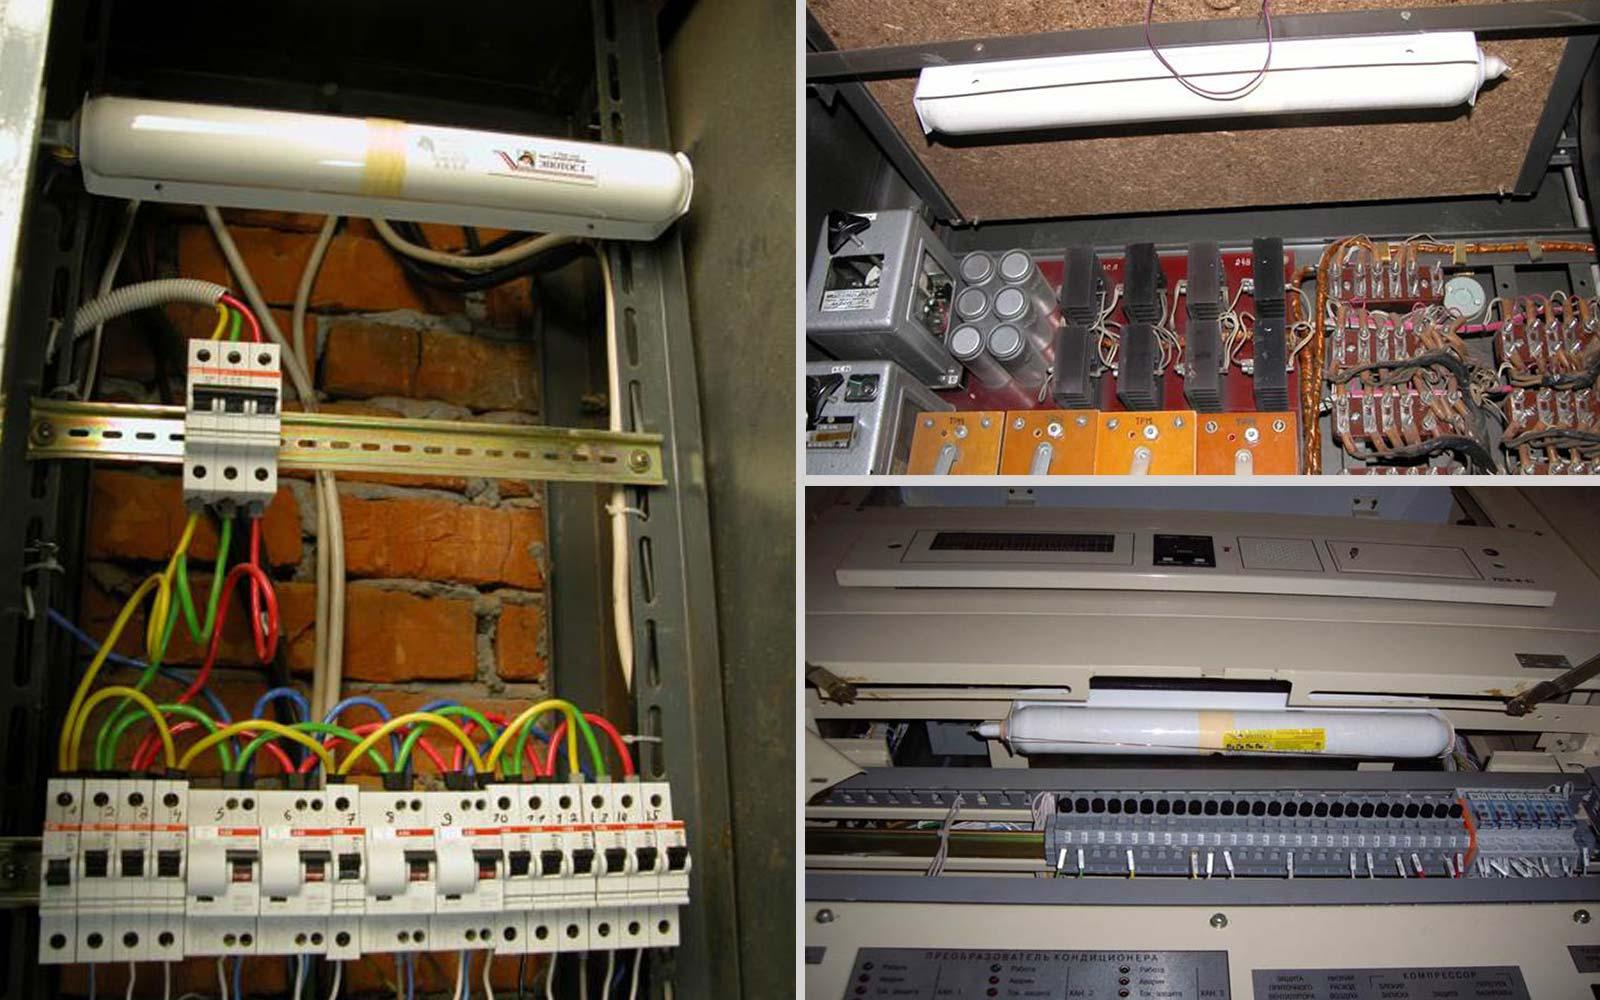 самосрабатывающие огнетушители в электроустановках